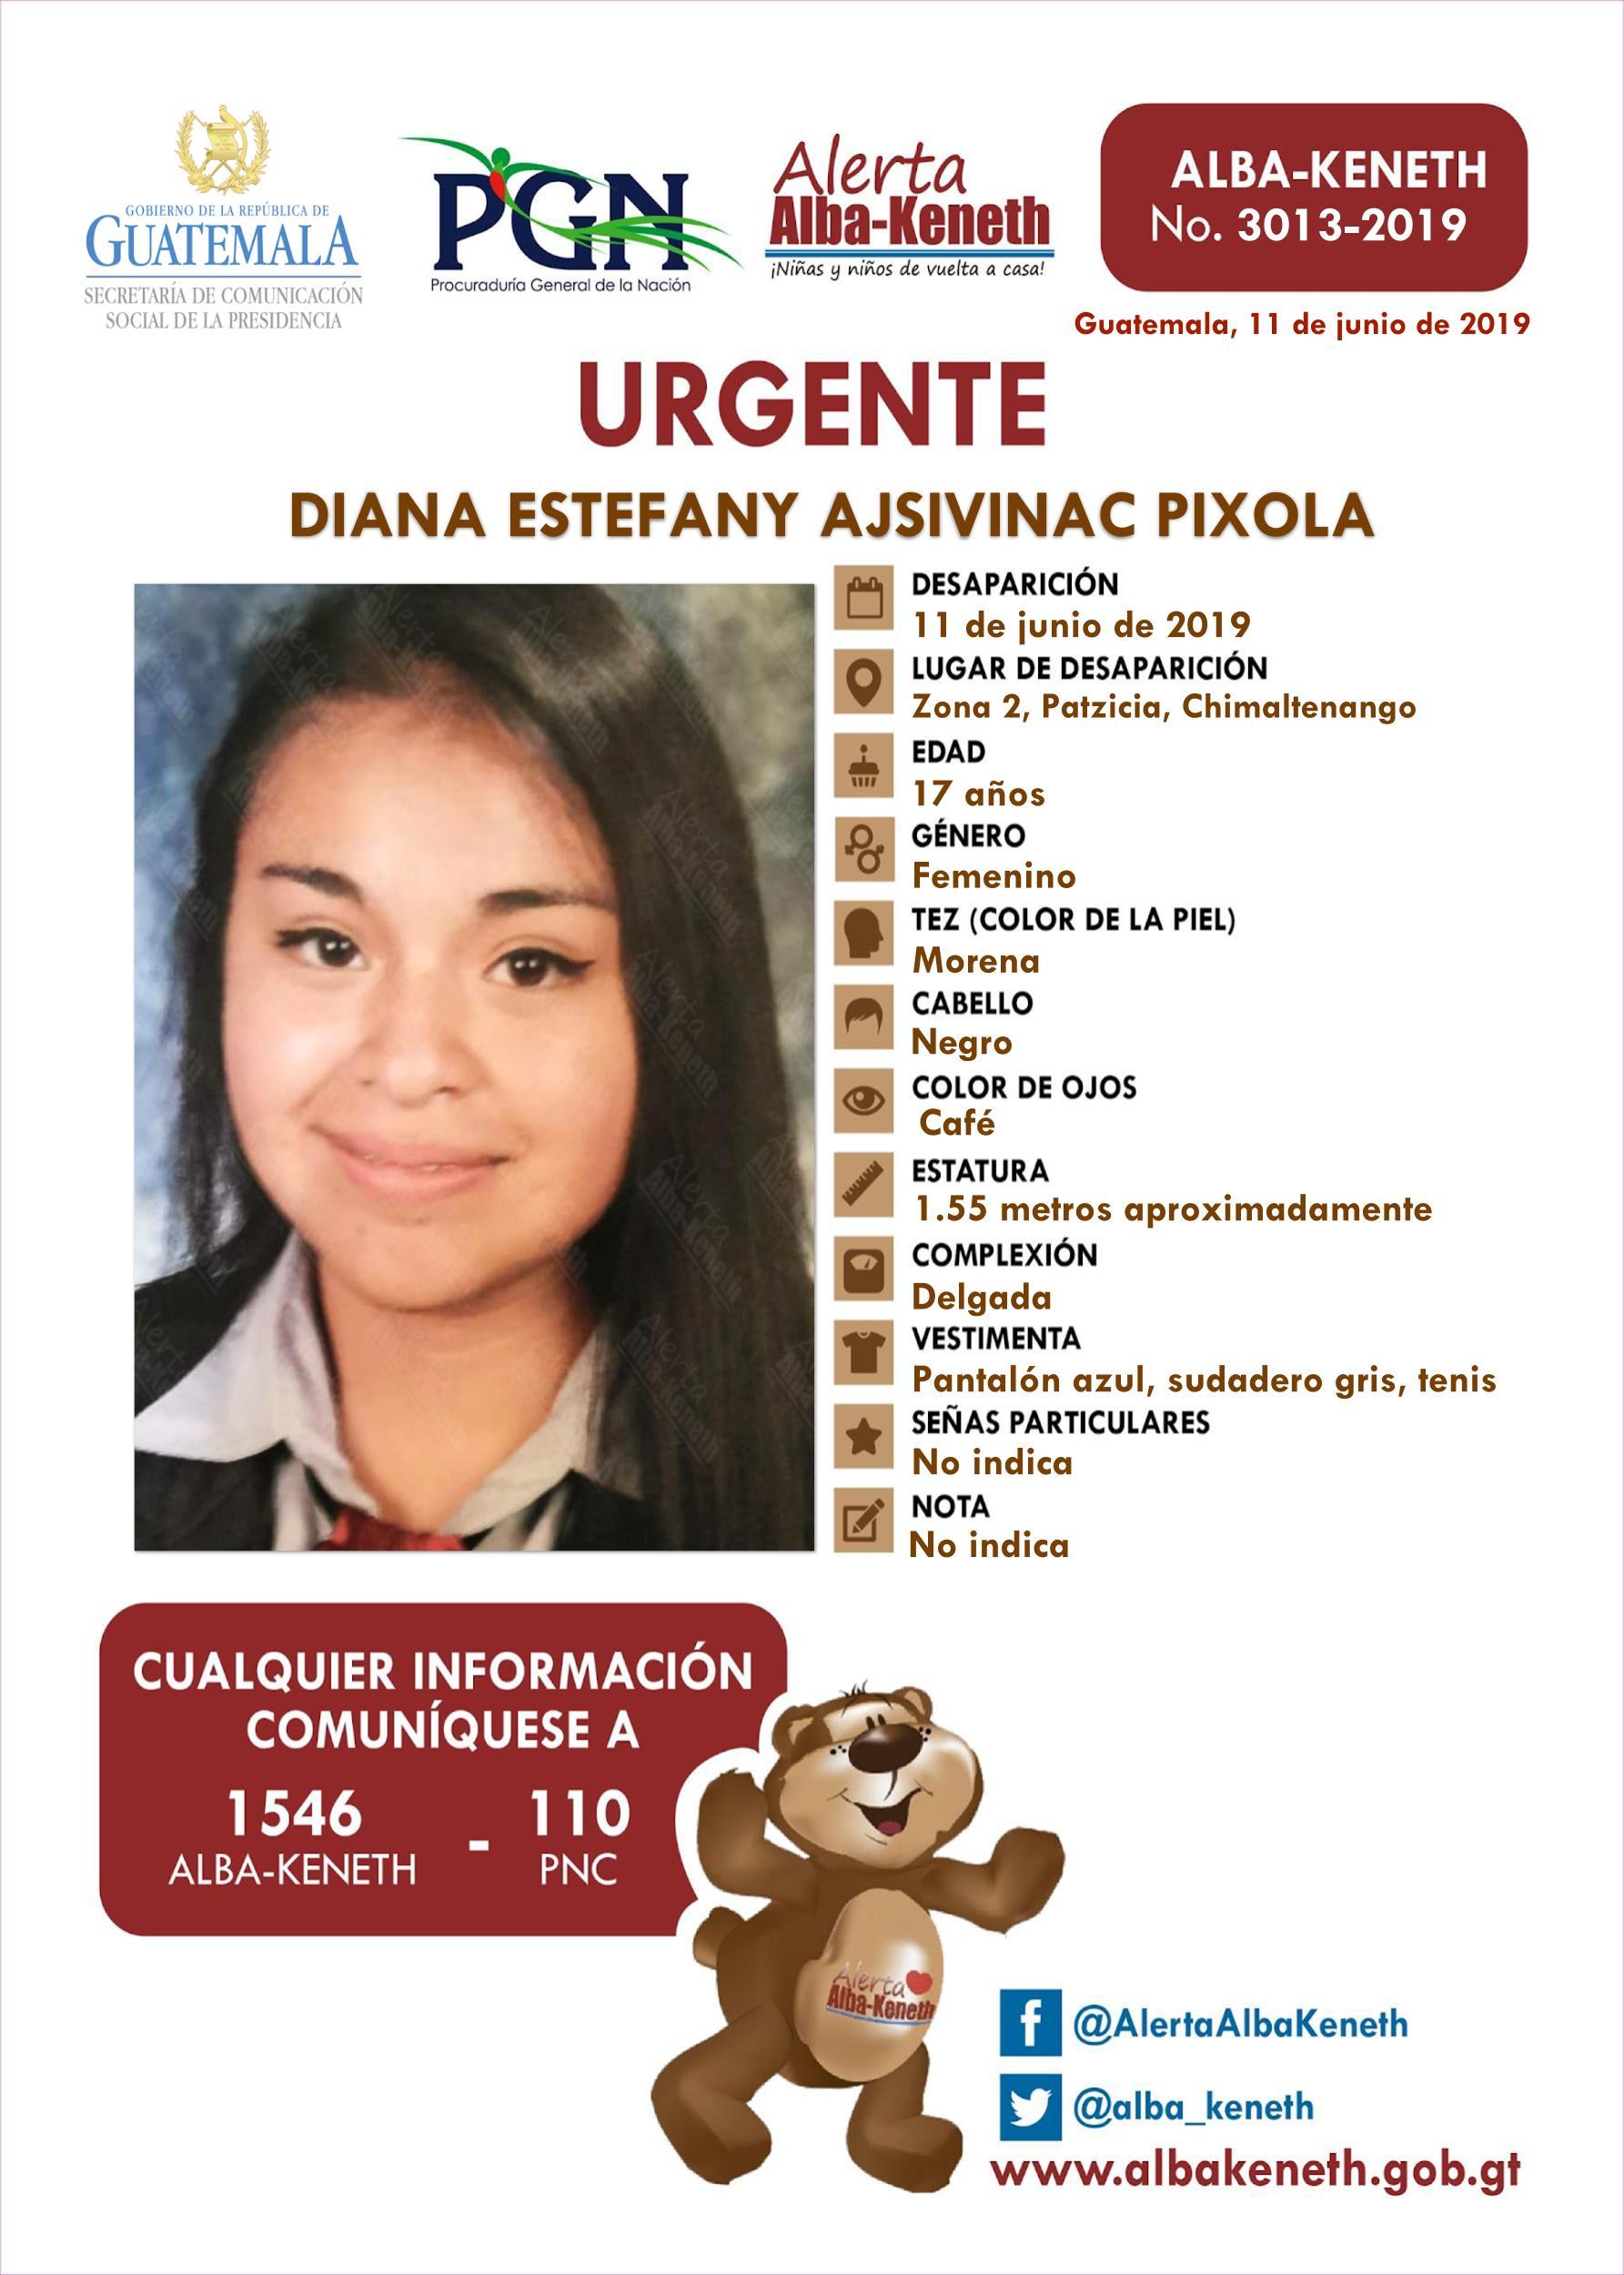 Diana Estefany Ajsivinac Pixola